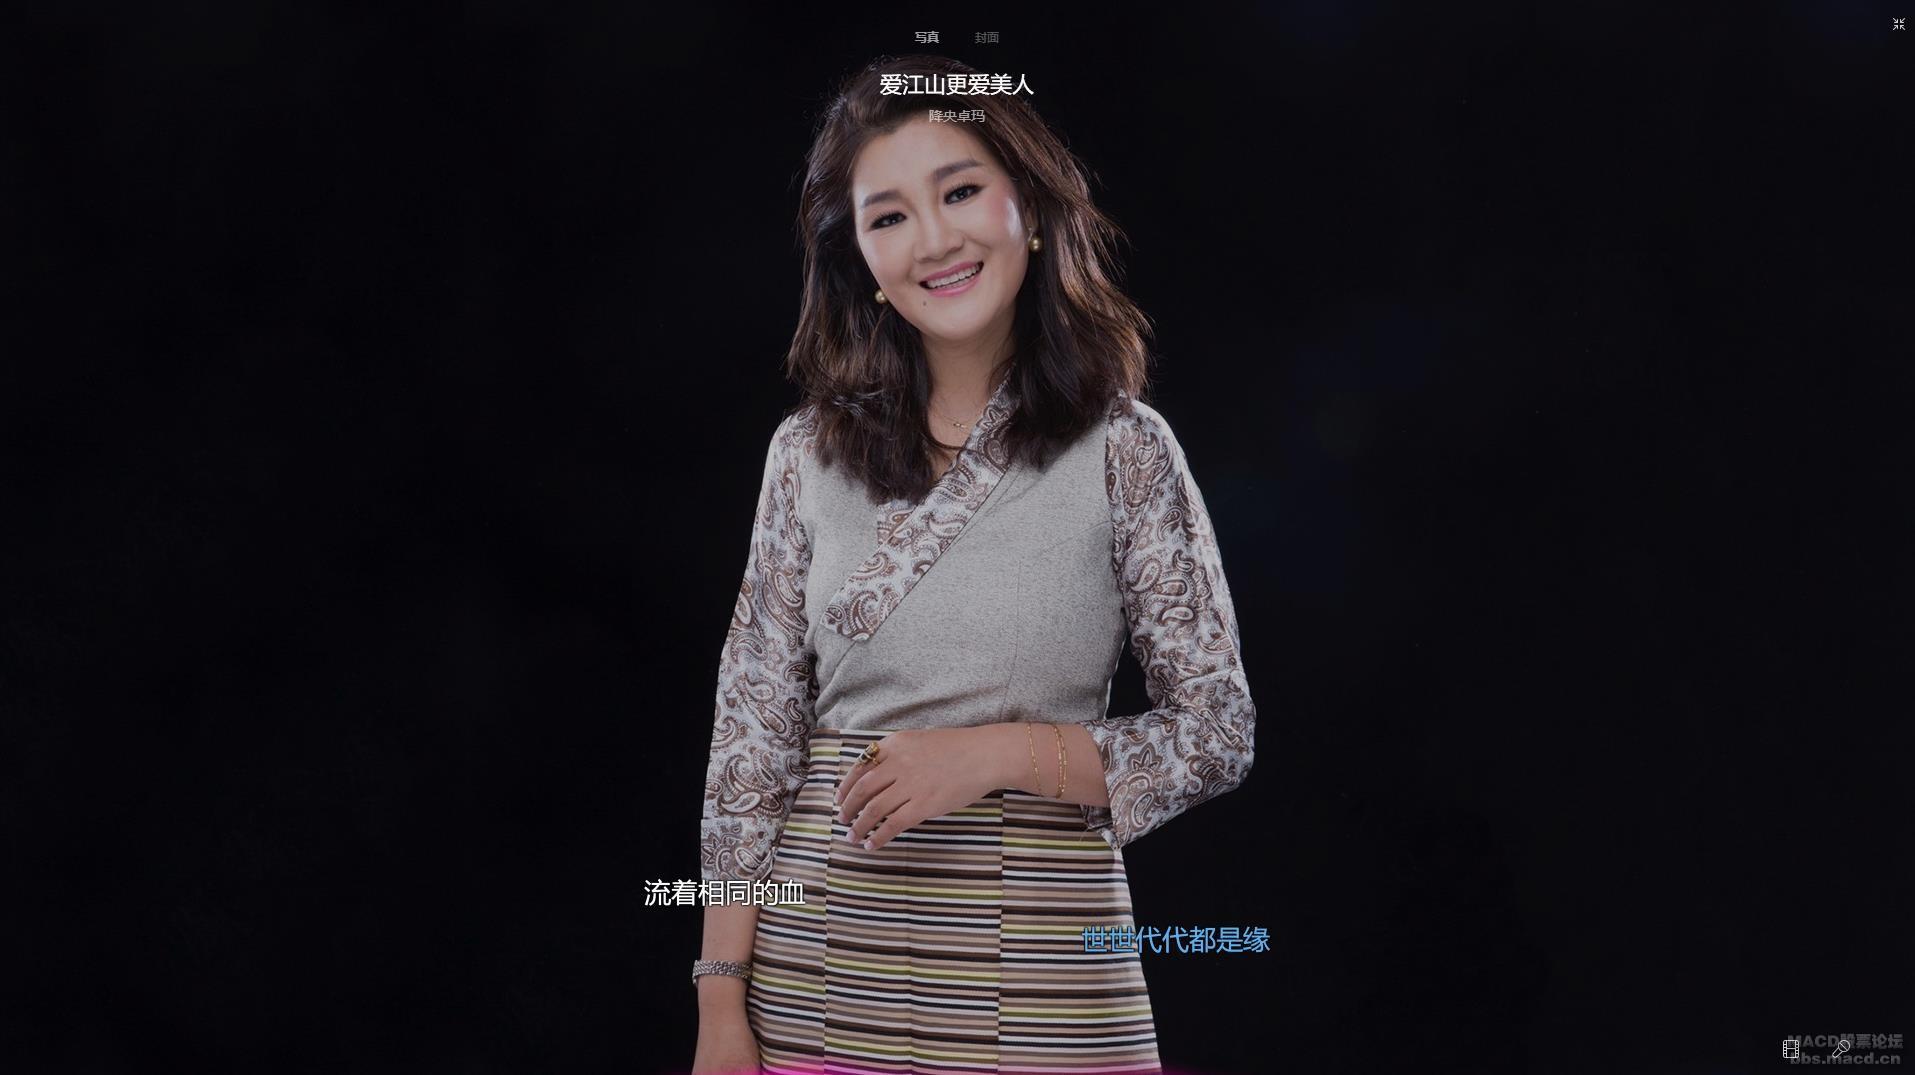 爱江山更爱美人.jpg